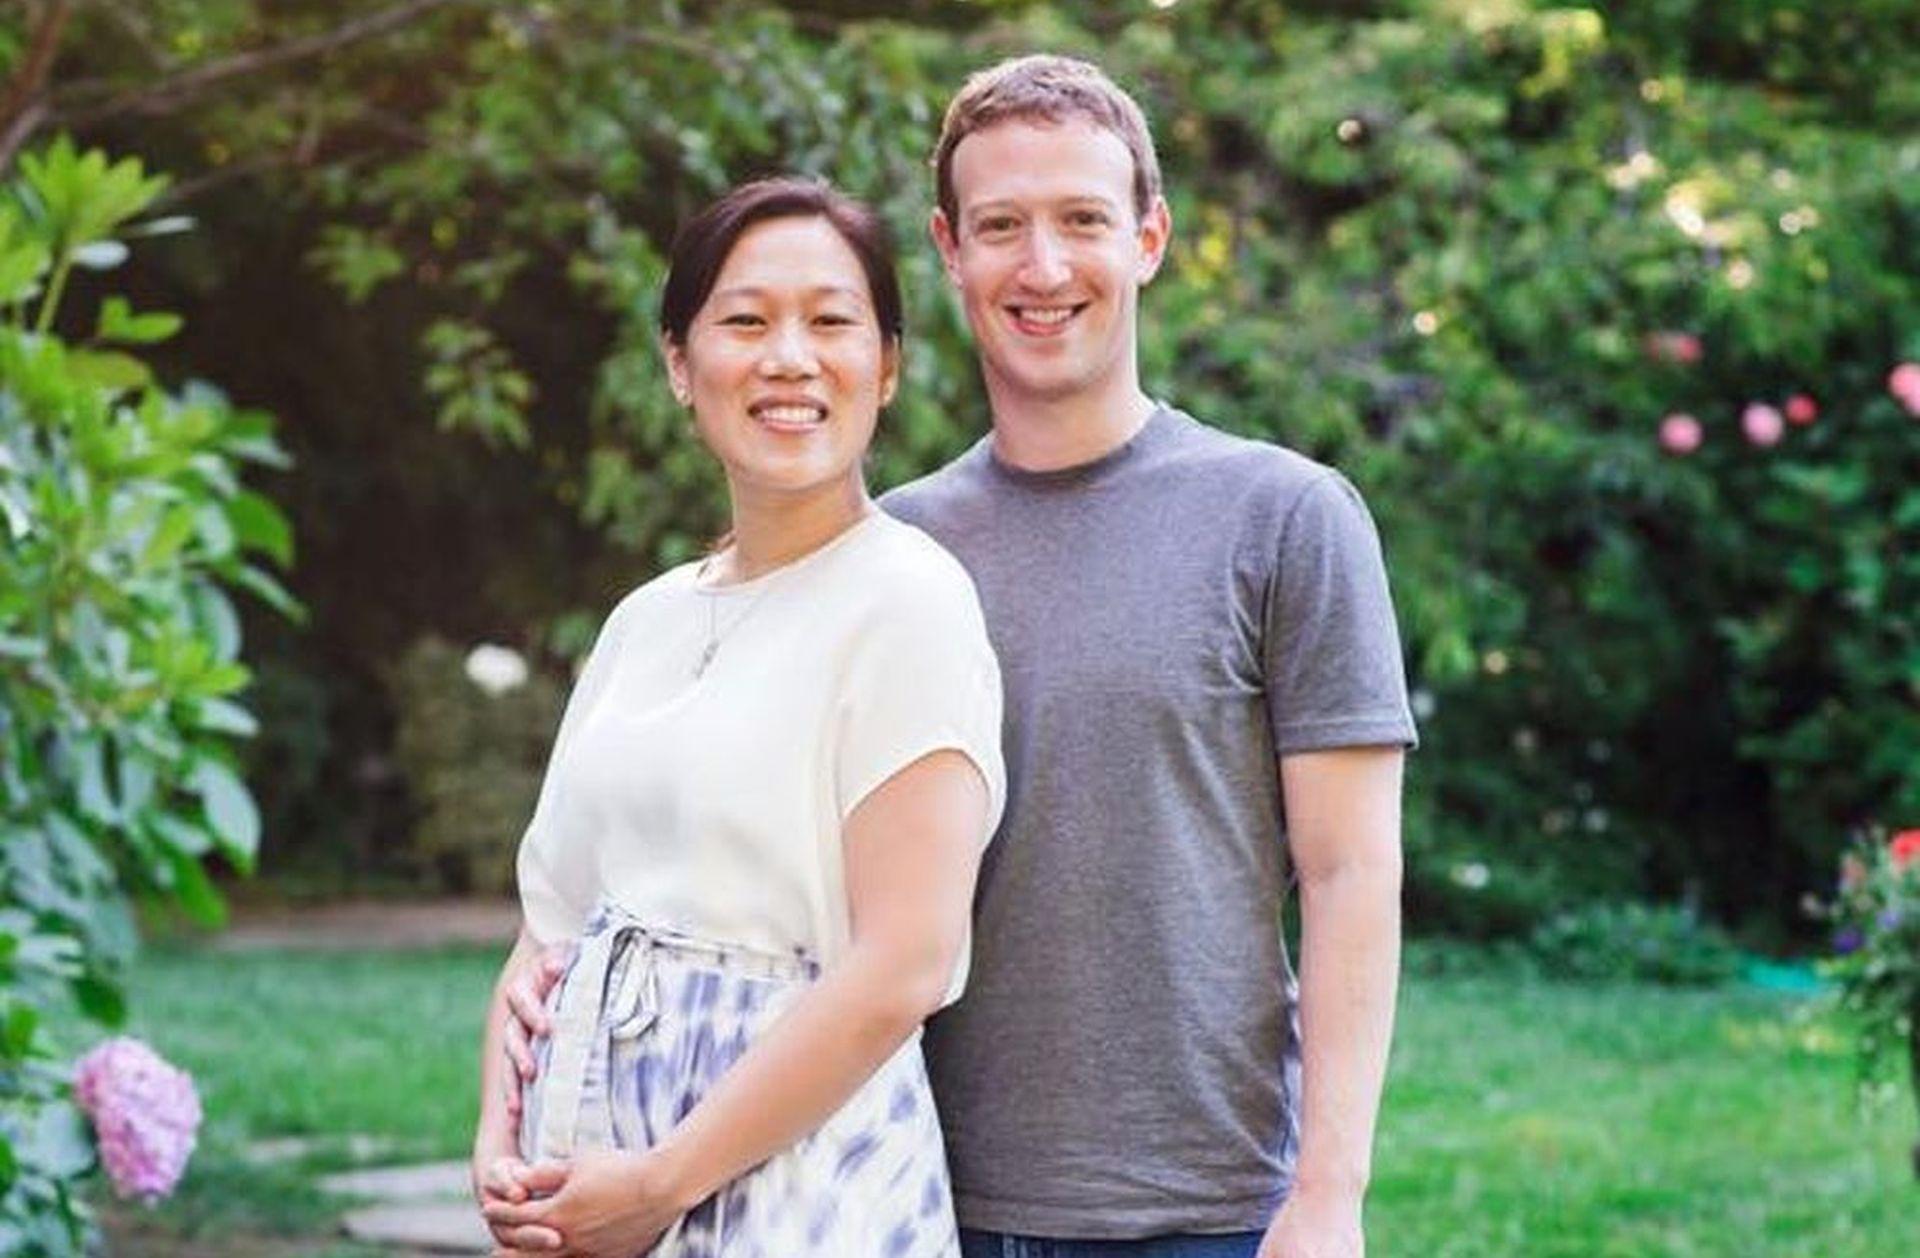 'POSEBNA ODLUKA' Mark Zuckerberg ide na porodiljni dopust